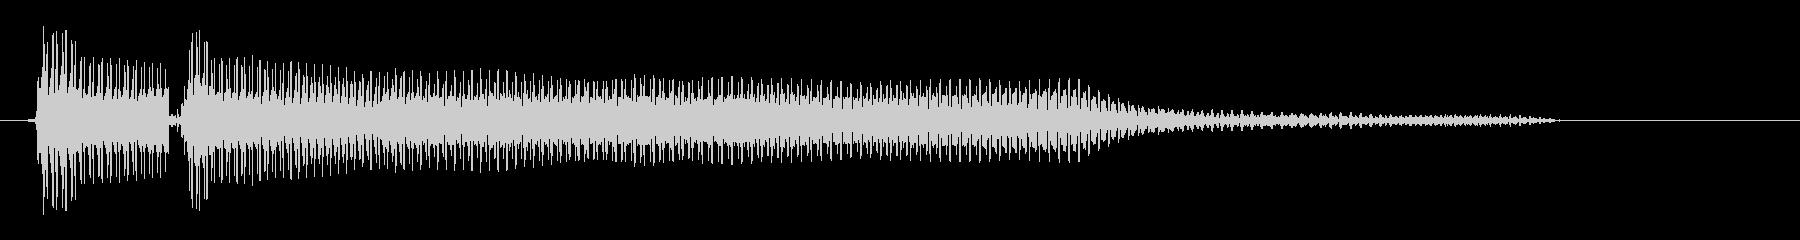 うあん(間抜けな感じのキャラクター)の未再生の波形